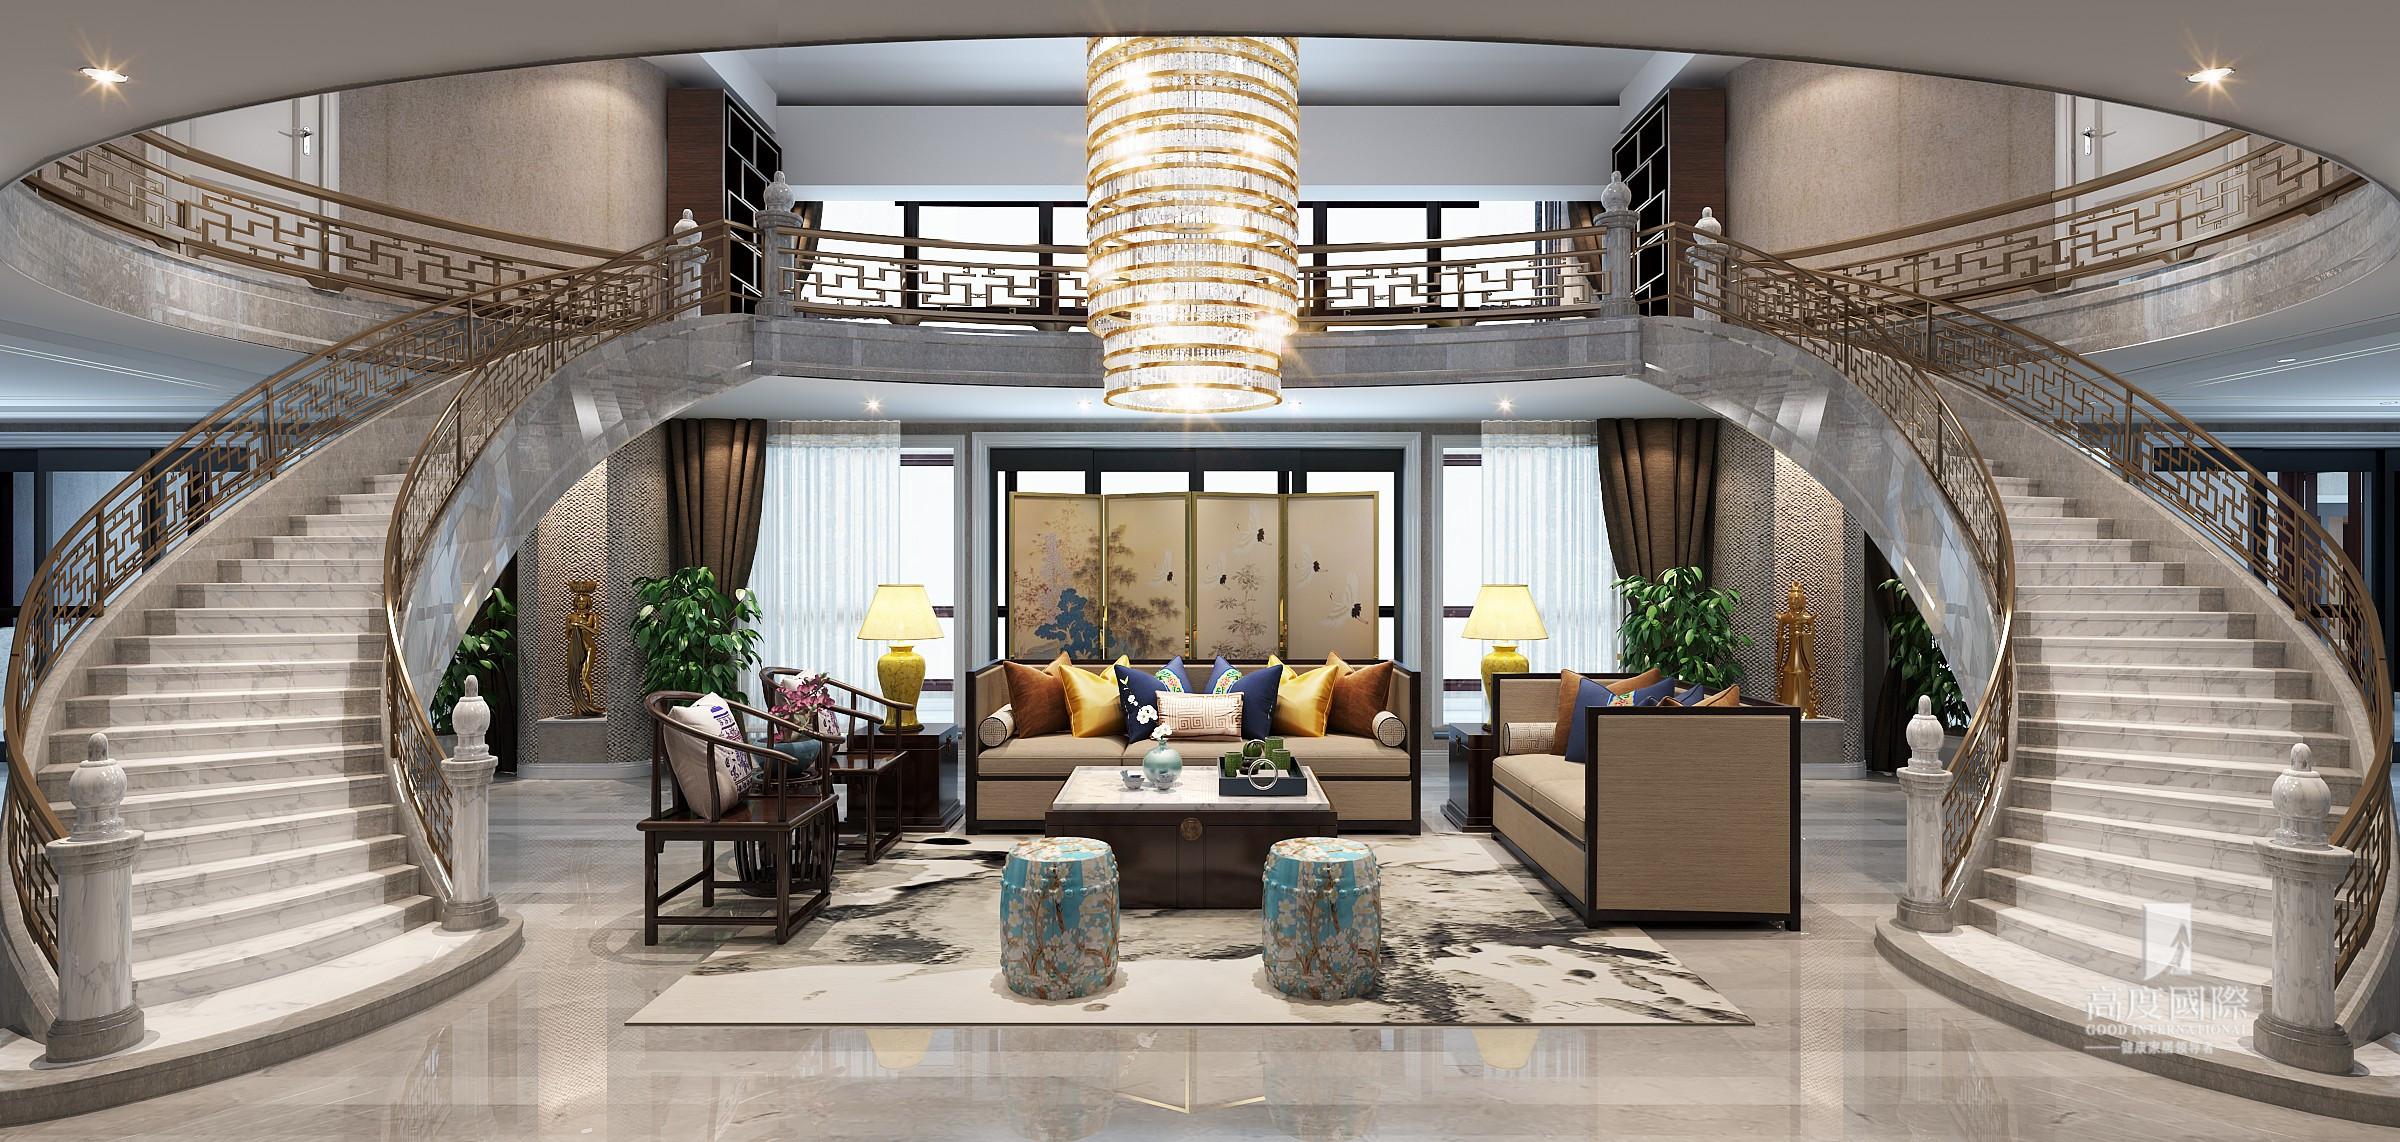 复式 高度国际装 客厅图片来自杭州别墅装修设计在750方复式新中式风格作品的分享